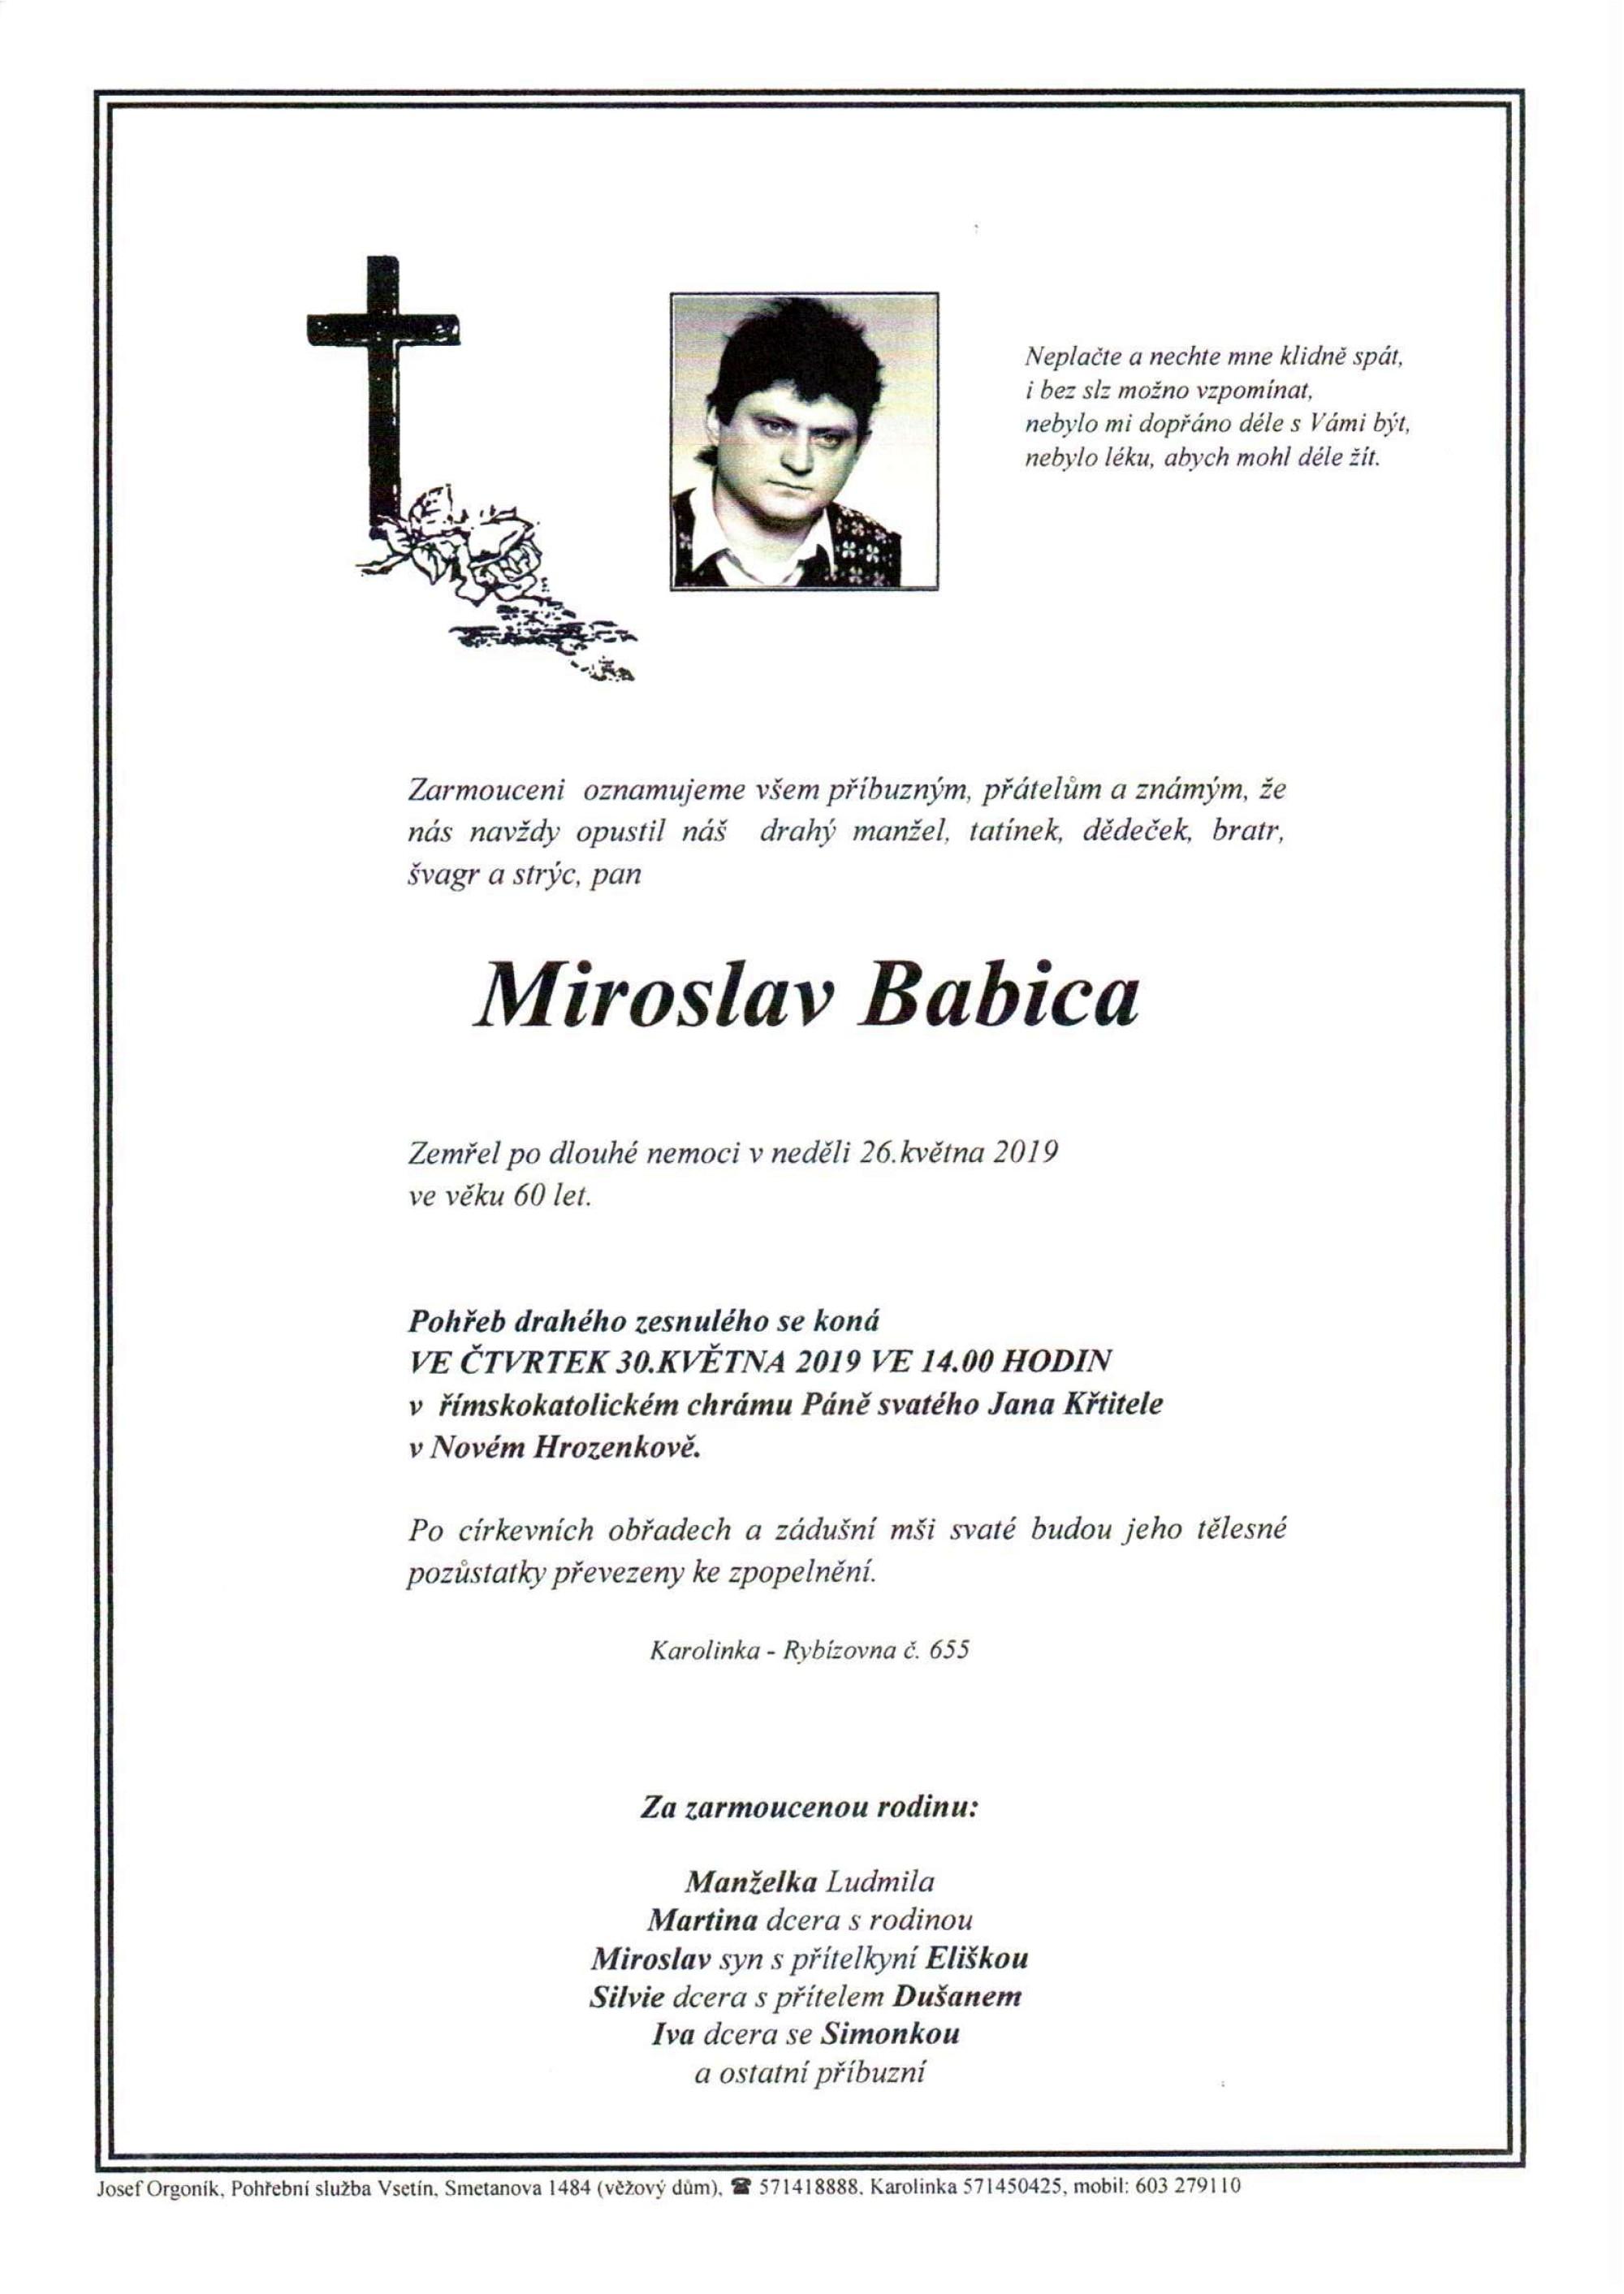 Miroslav Babica